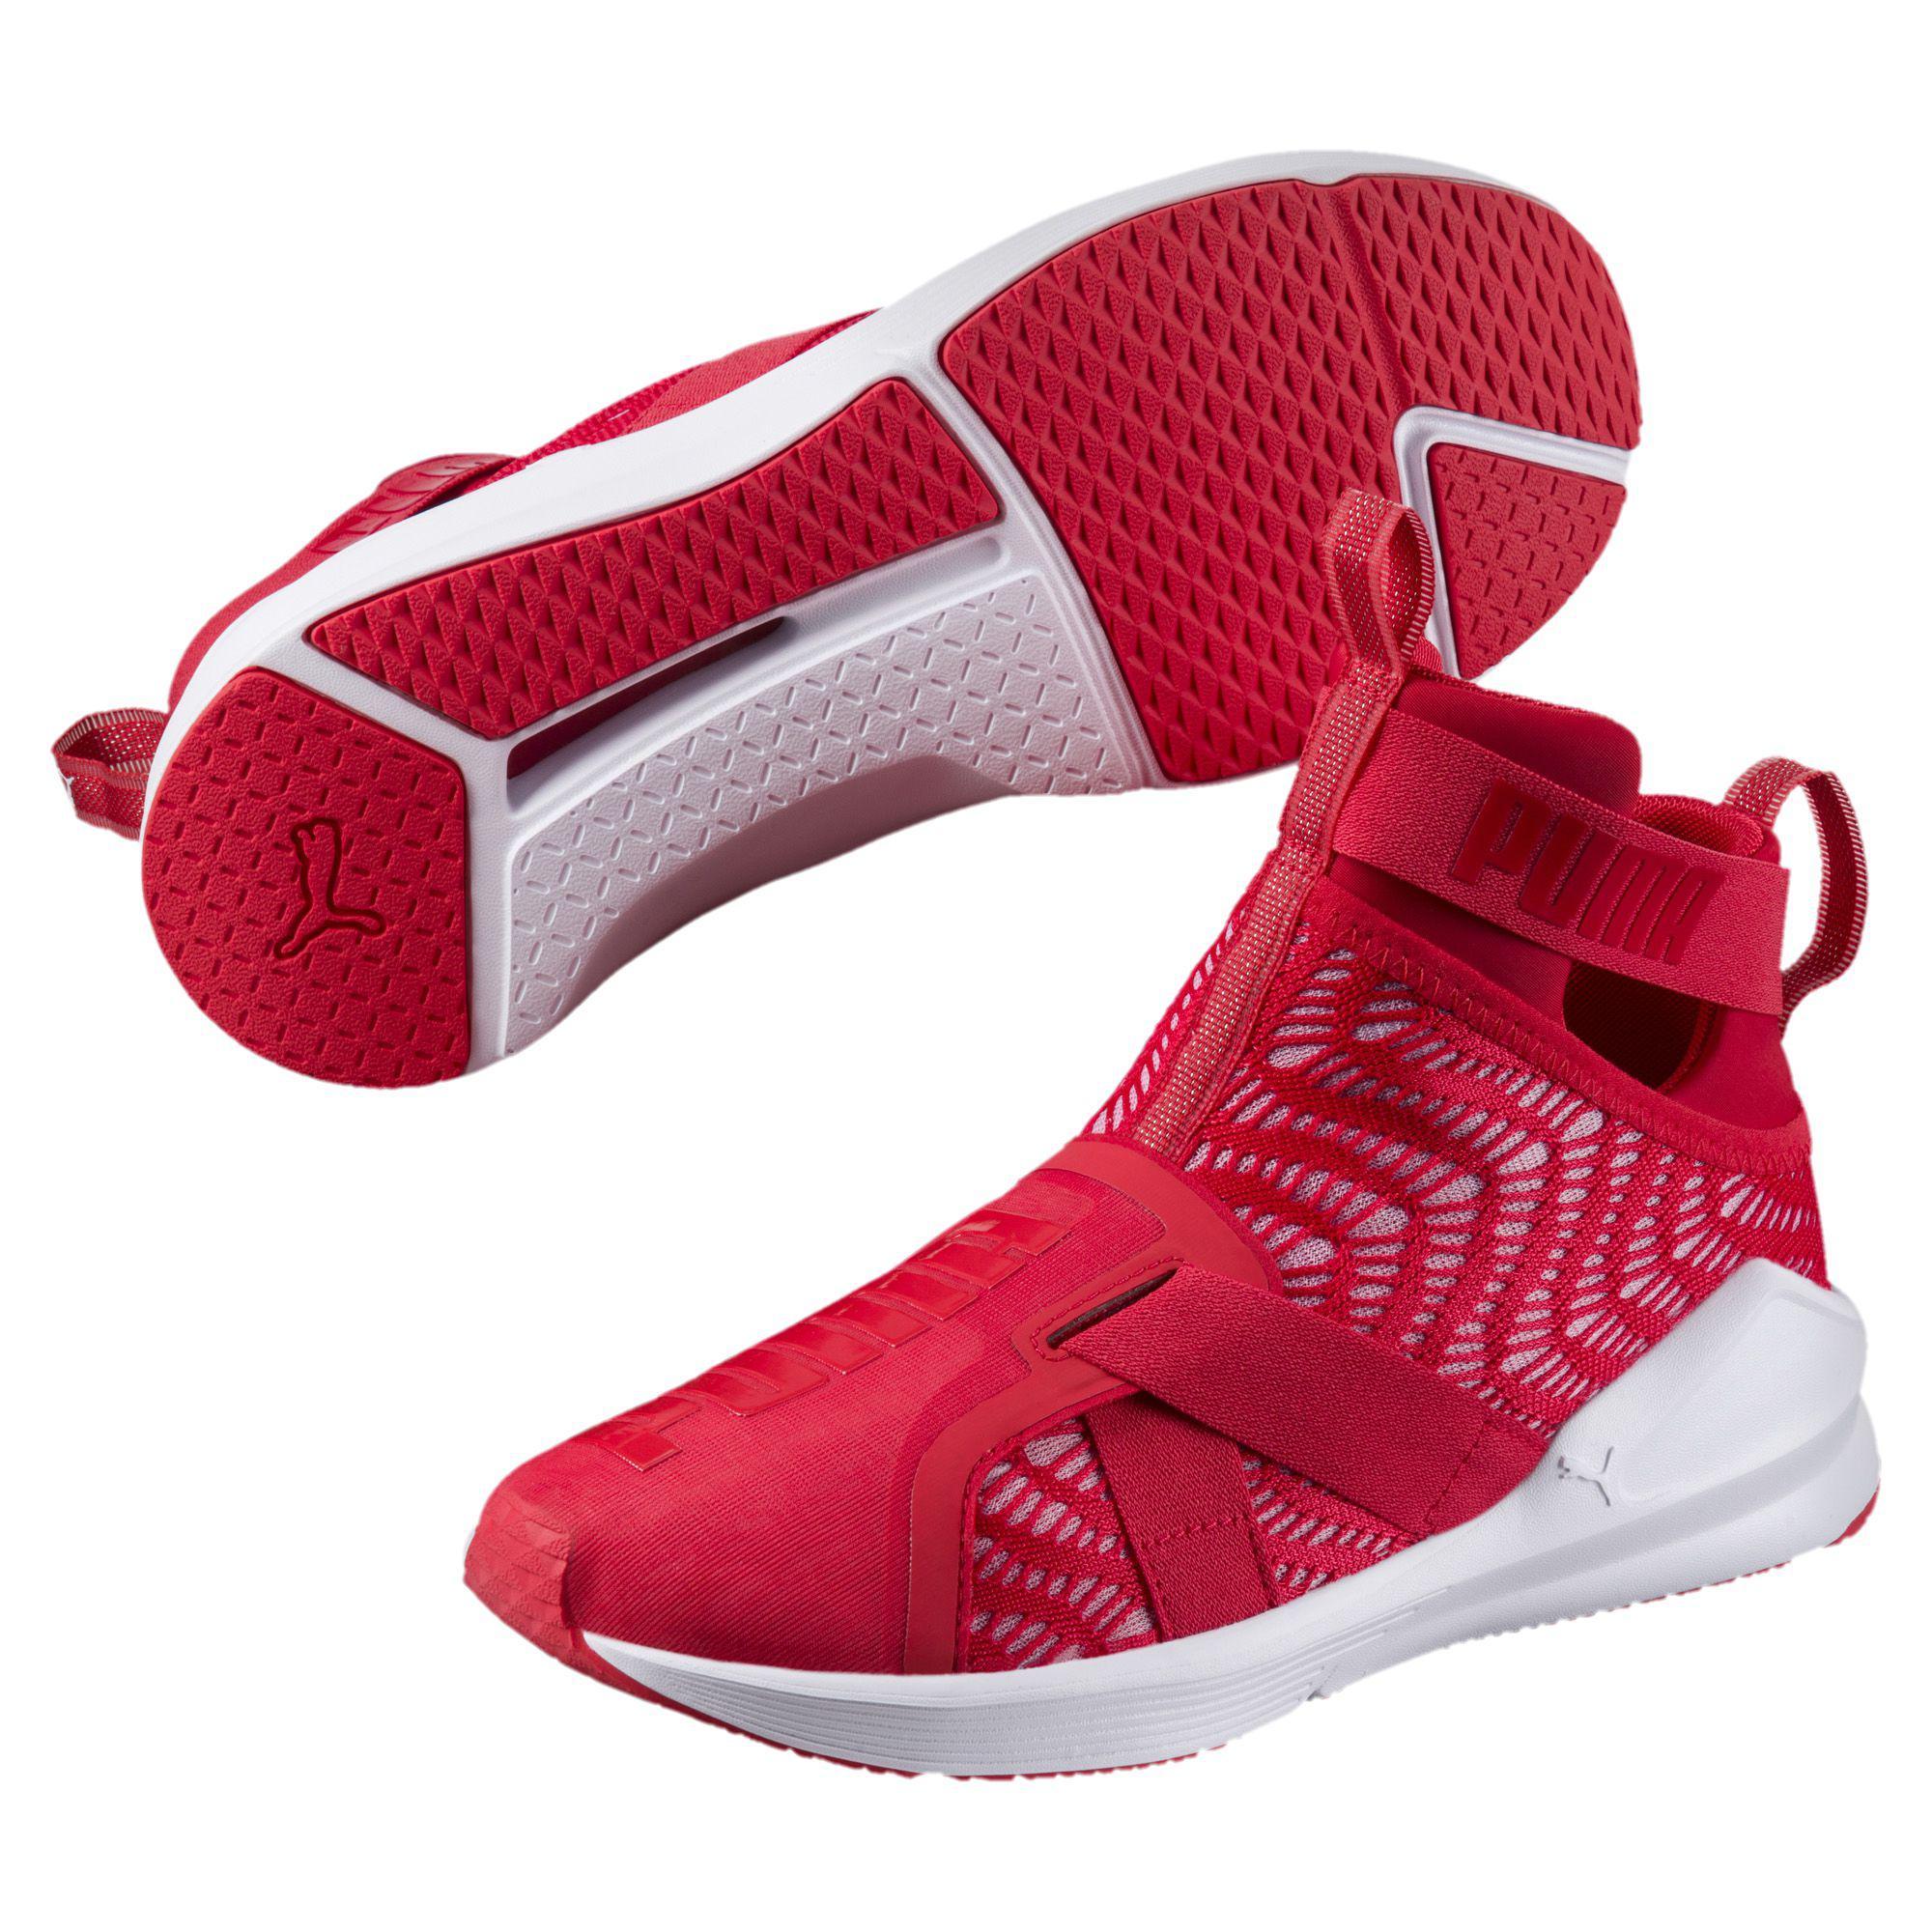 30b05562e86 Lyst - PUMA Fierce Strap Swirl Women s Training Shoes in Red